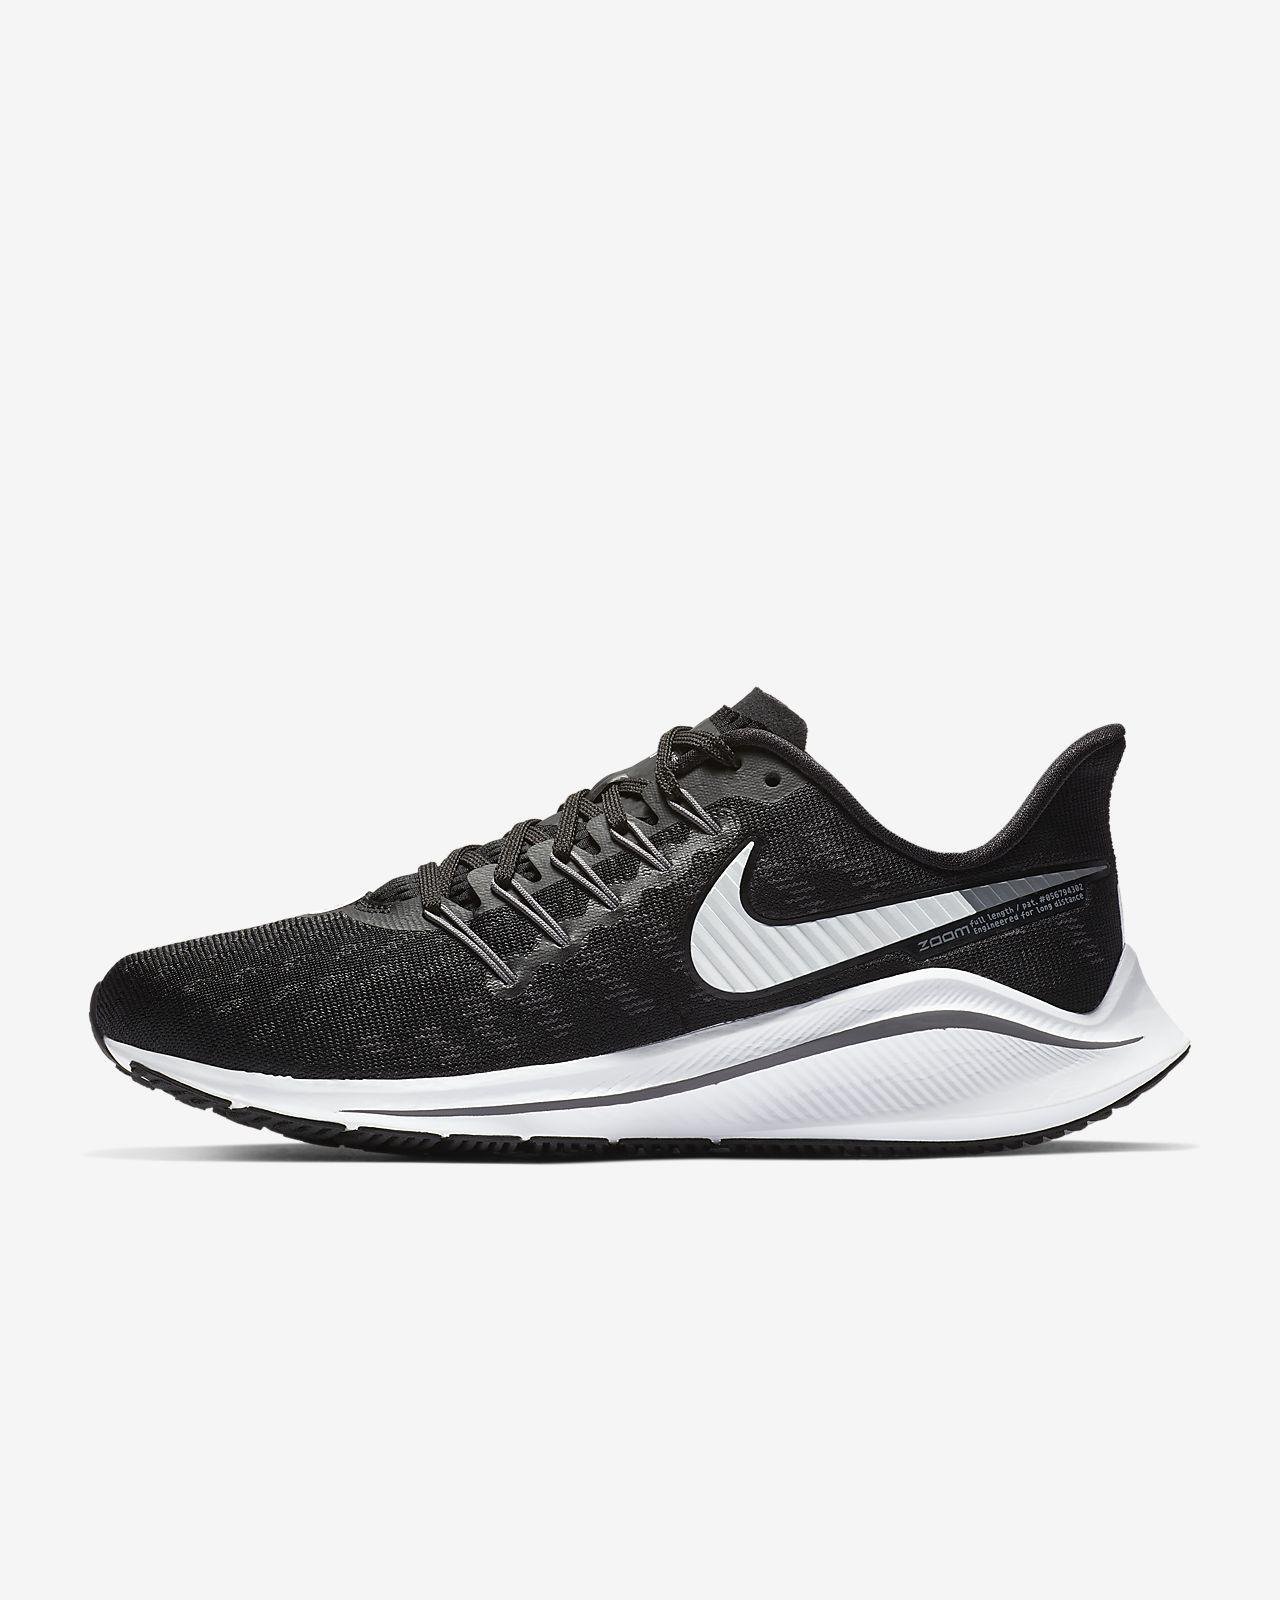 Dámská běžecká bota Nike Air Zoom Vomero 14. Nike.com CZ cd7be8f5e2